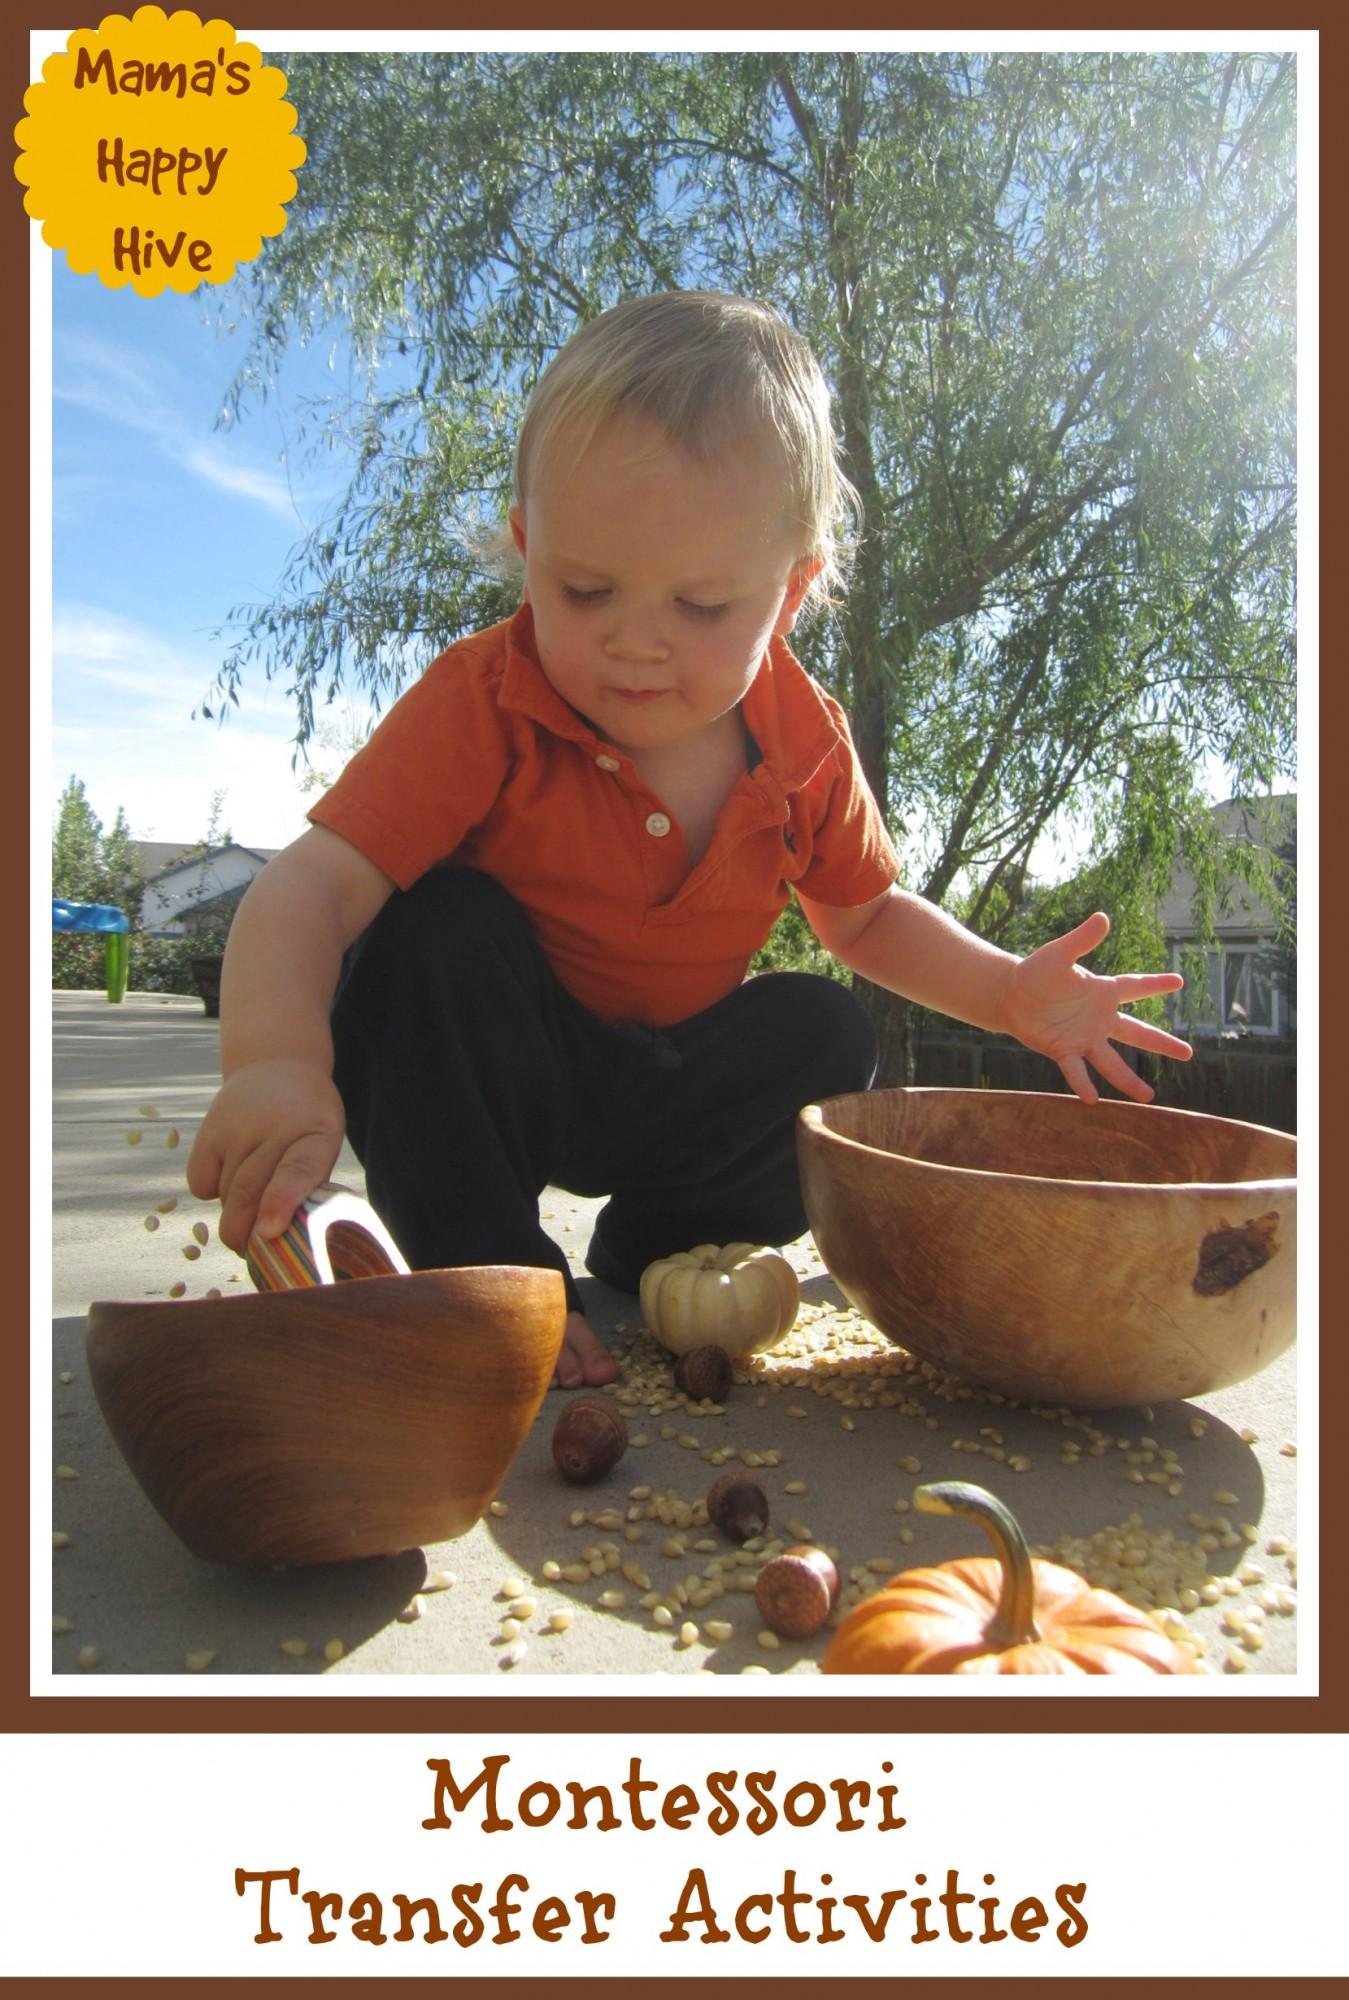 Montessori Transfer Activities - www.mamashappyhive.com